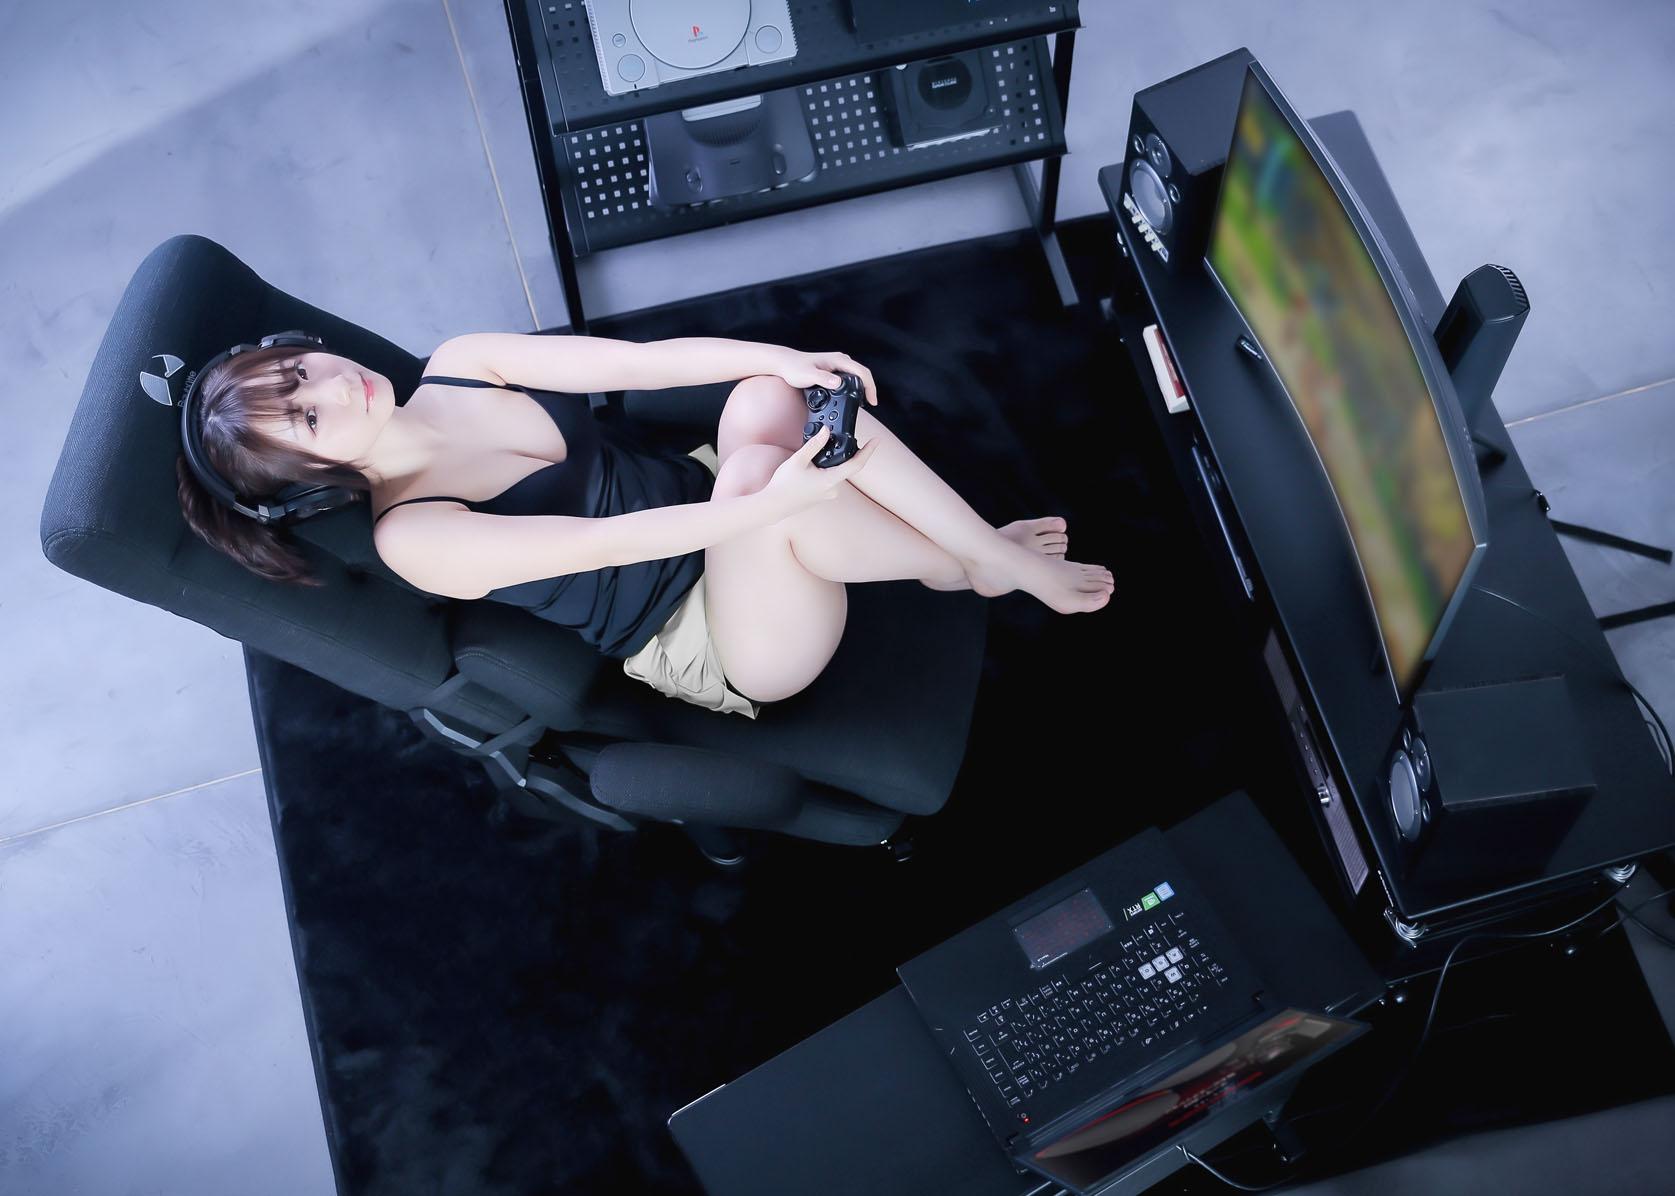 ゲーミングソファ座椅子 GX-350 gallery